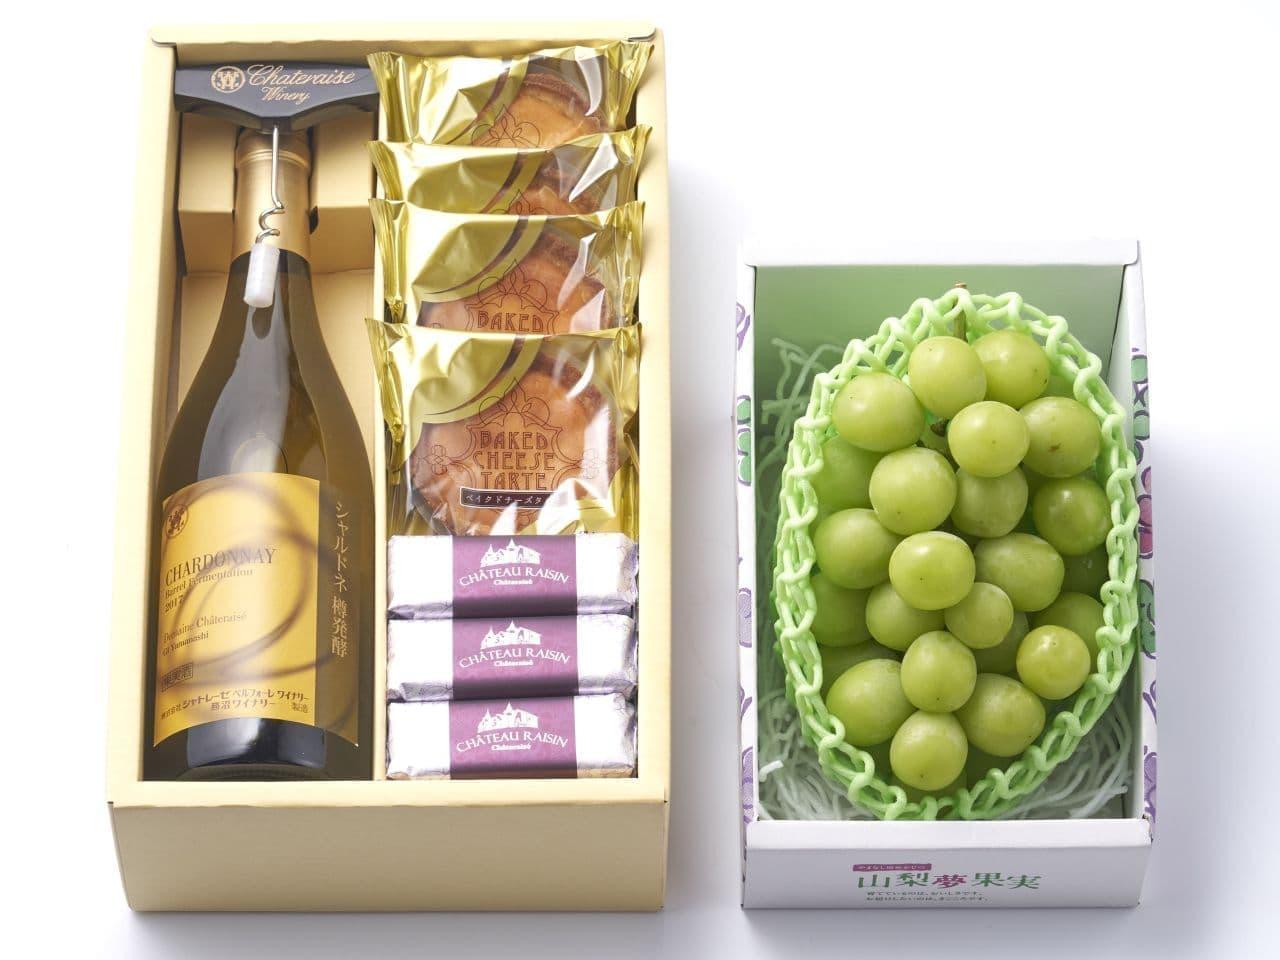 シャトレーゼ「山梨県産シャインマスカットとワイン焼き菓子詰合せ」